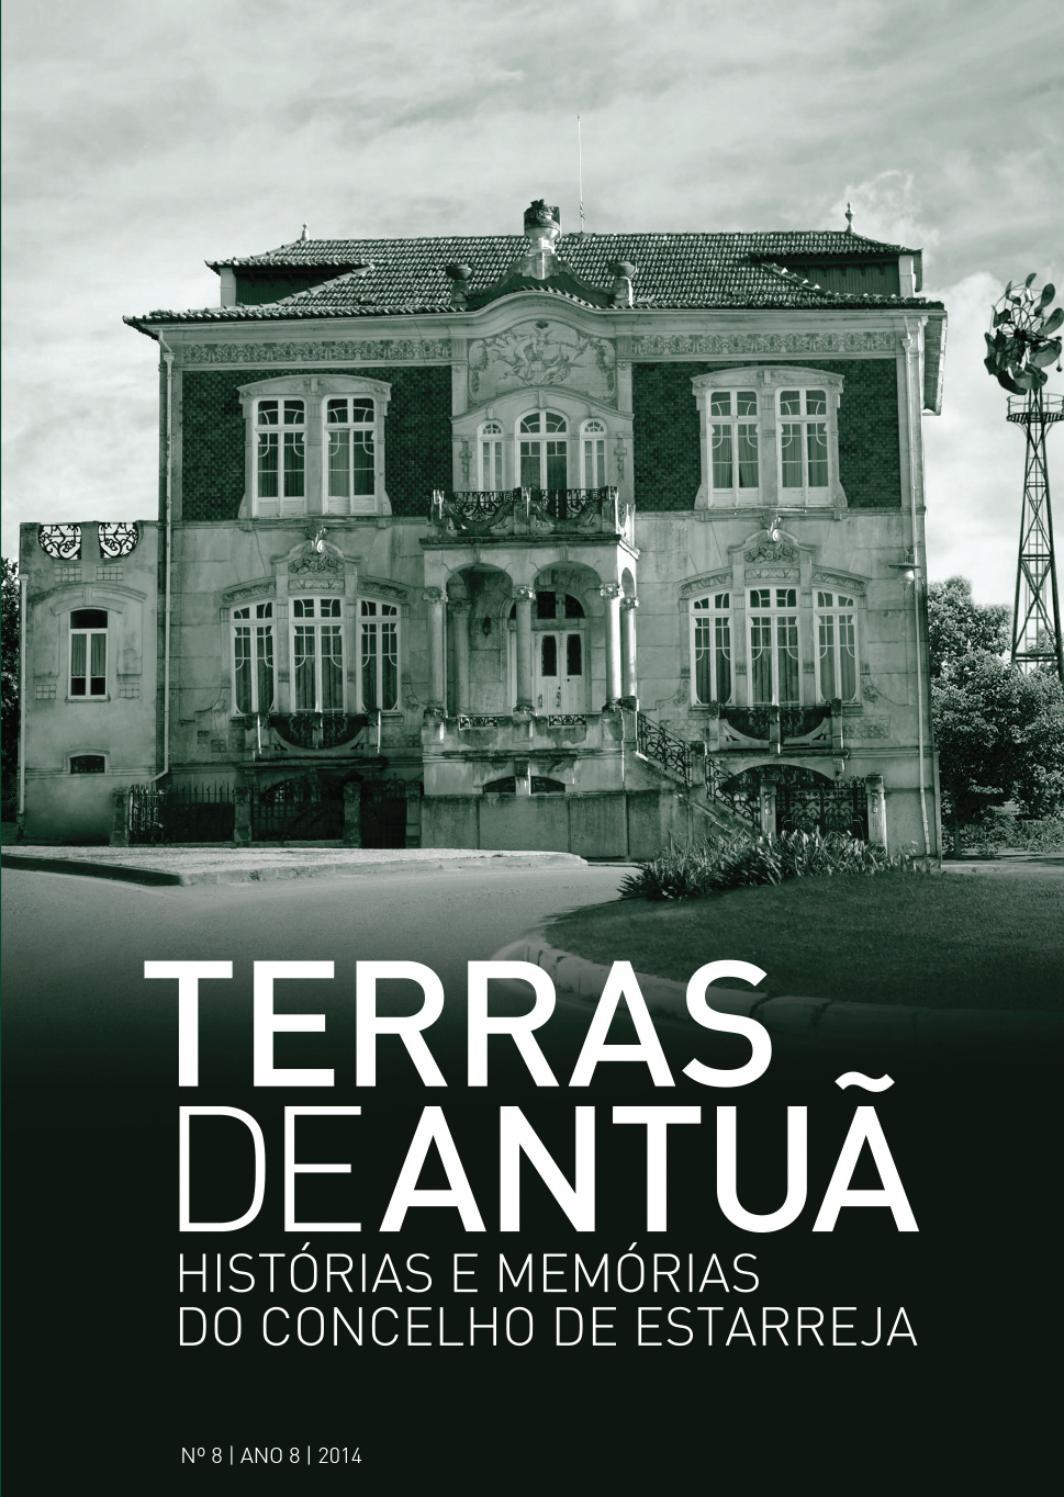 ce76cf6695ea5 Terras de Antuã - Histórias e Memórias do Concelho de Estarreja by  Municipio Estarreja - issuu